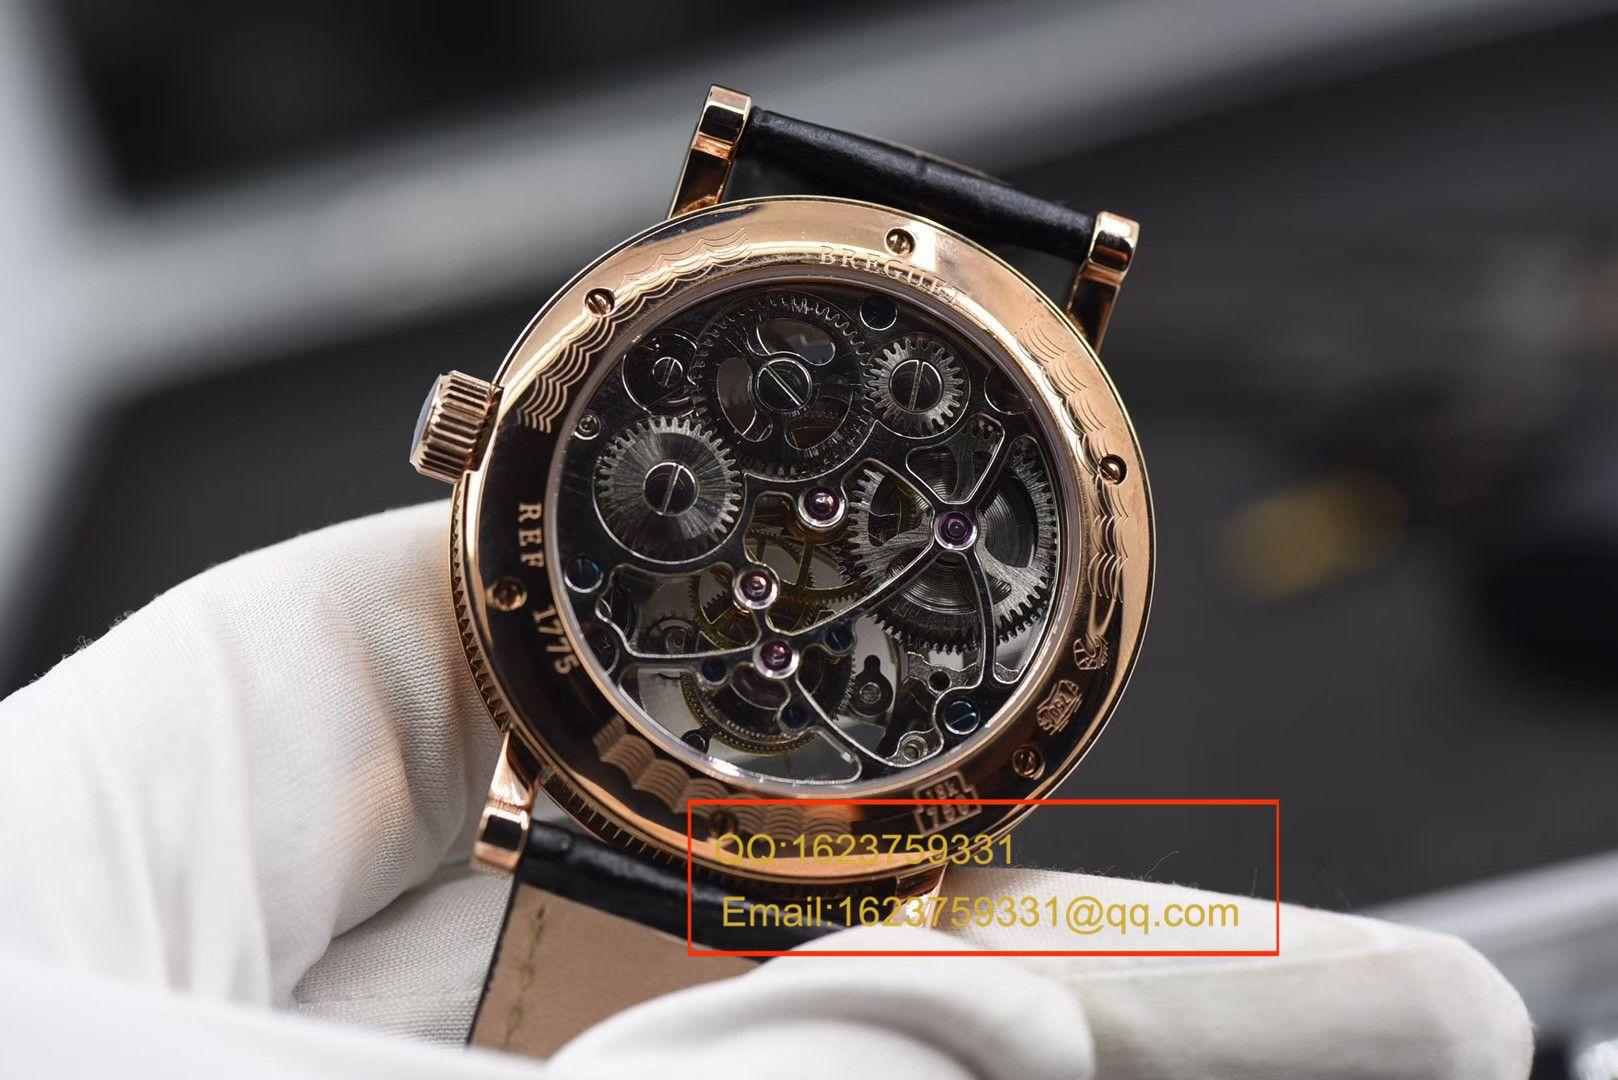 【BM一比一超A高仿手表】宝玑经典复杂系列3355PT/00/986缕空雕花顶级手动真陀飞轮腕表